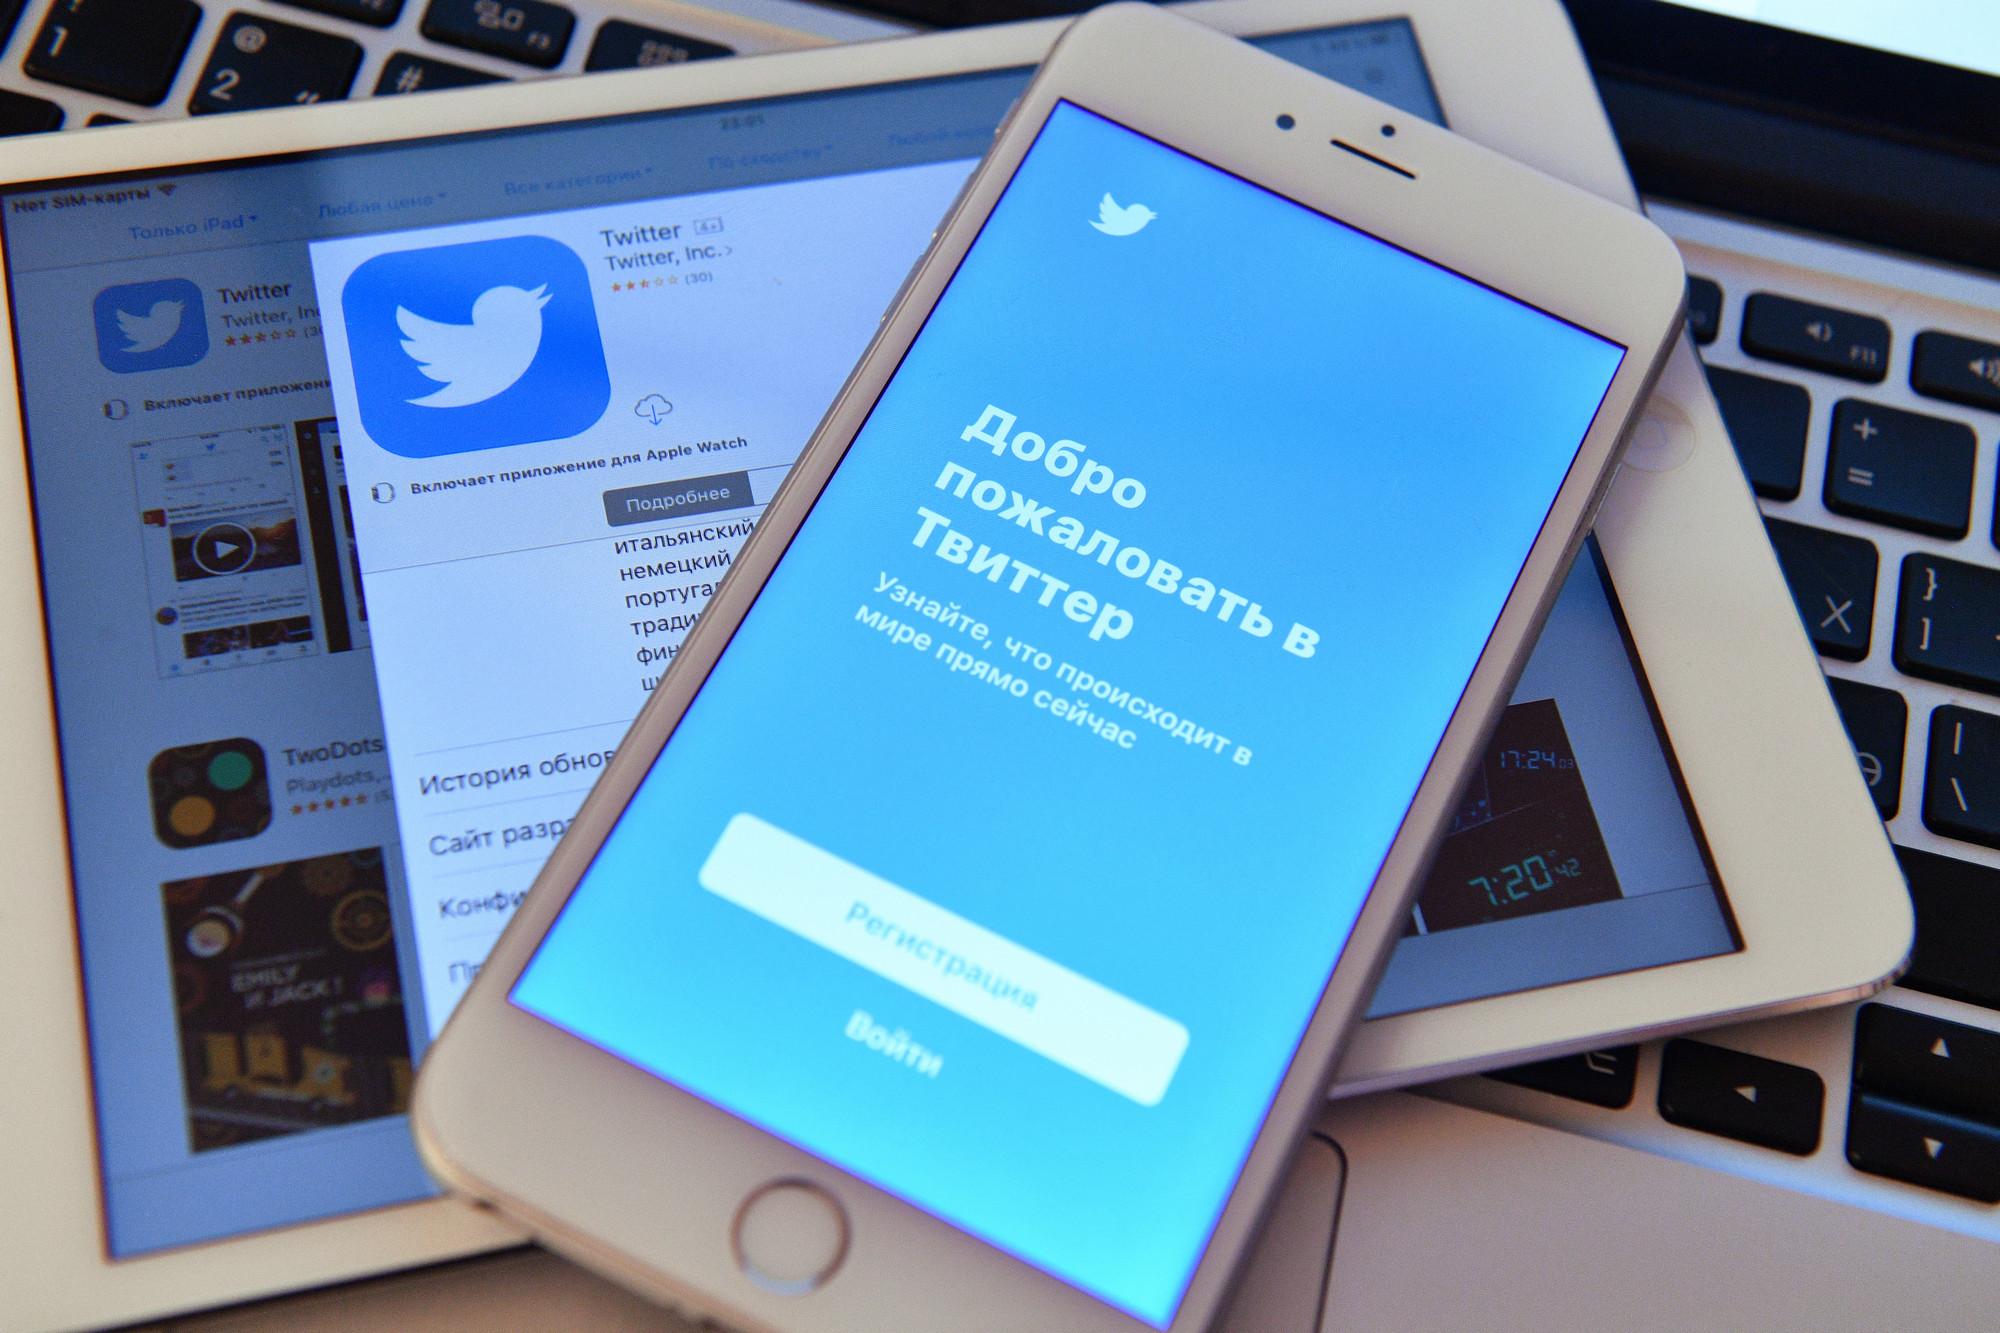 Как создать второй аккаунт в Твиттере?